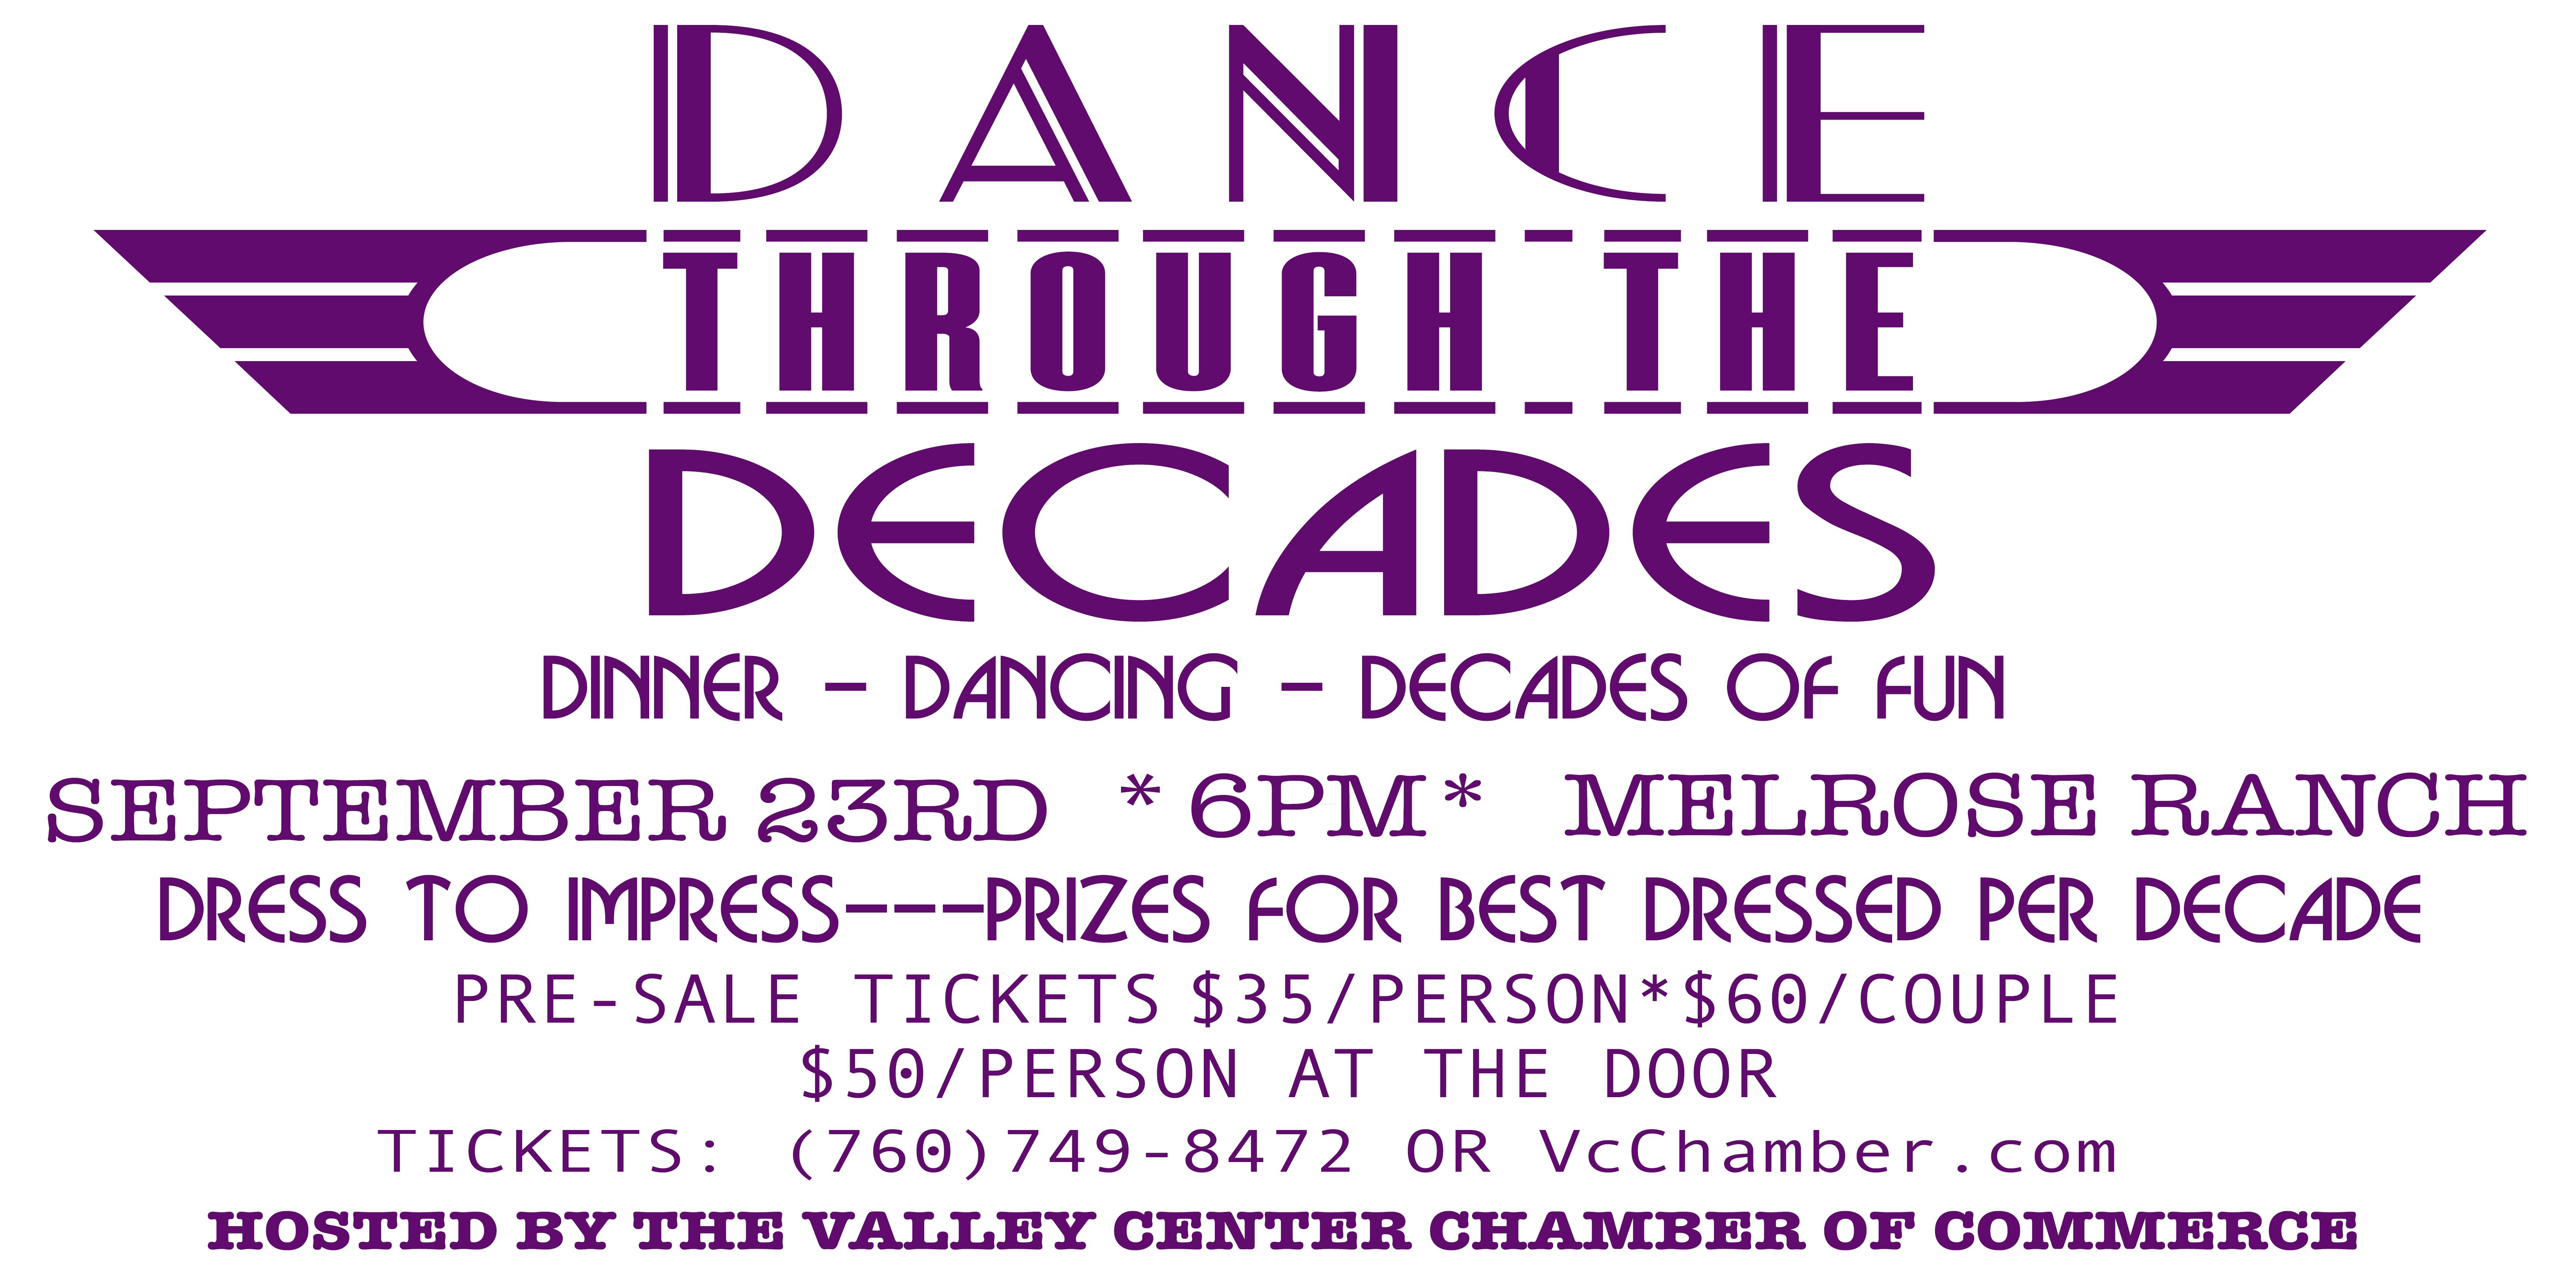 decadesdancebannerwdinner(1).jpg